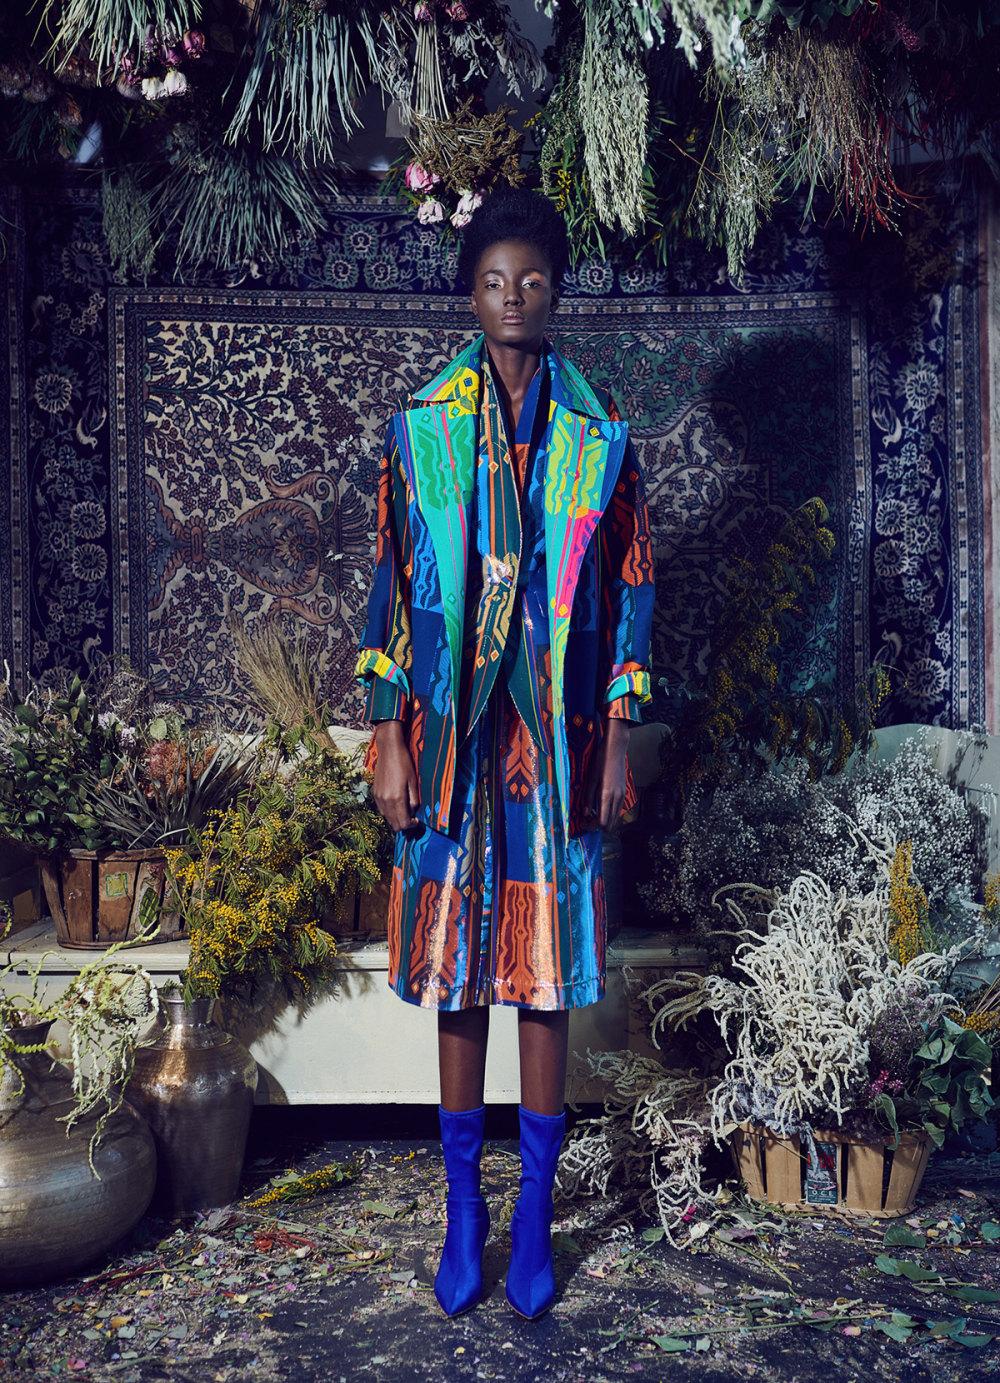 Rianna+Nina时装系列定制的夹克和金属光泽的七分裤定义未来主义-7.jpg